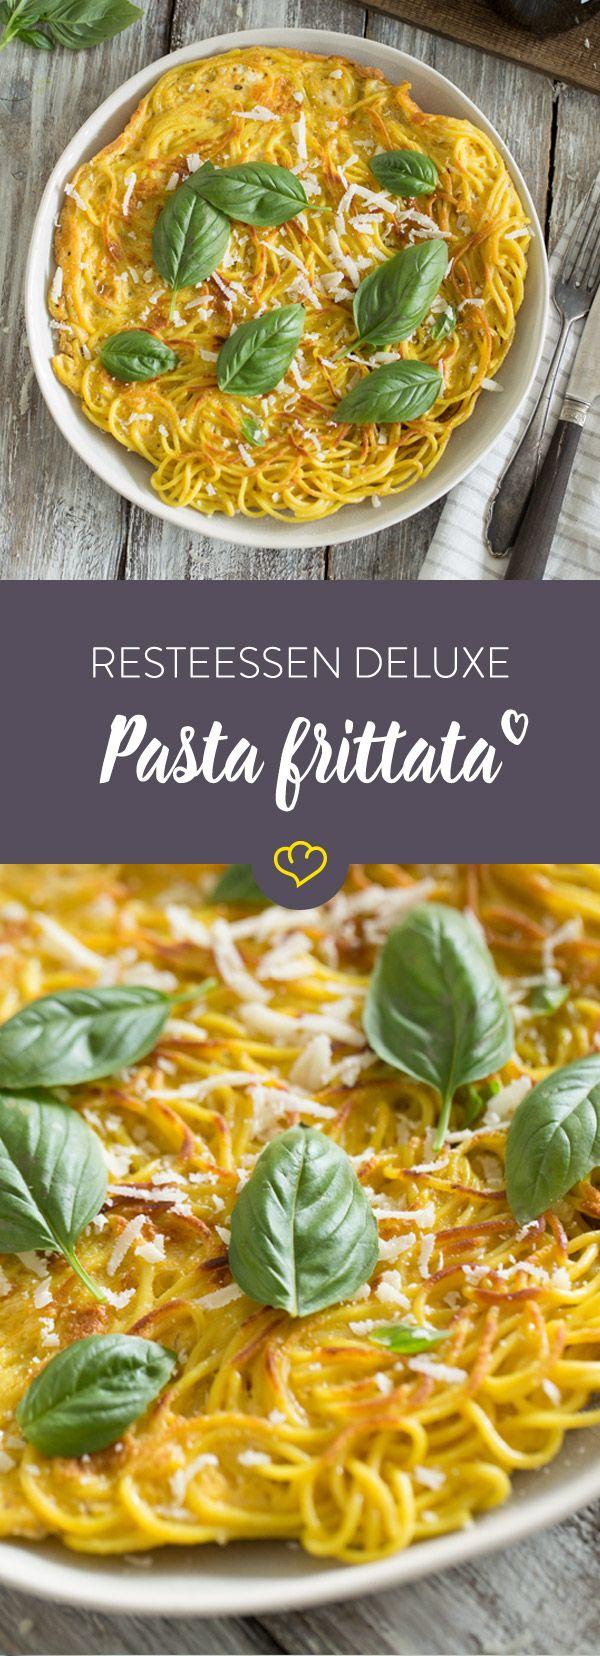 Pasta-Frittata: Dein schnelles Resteessen im Deluxe-Format